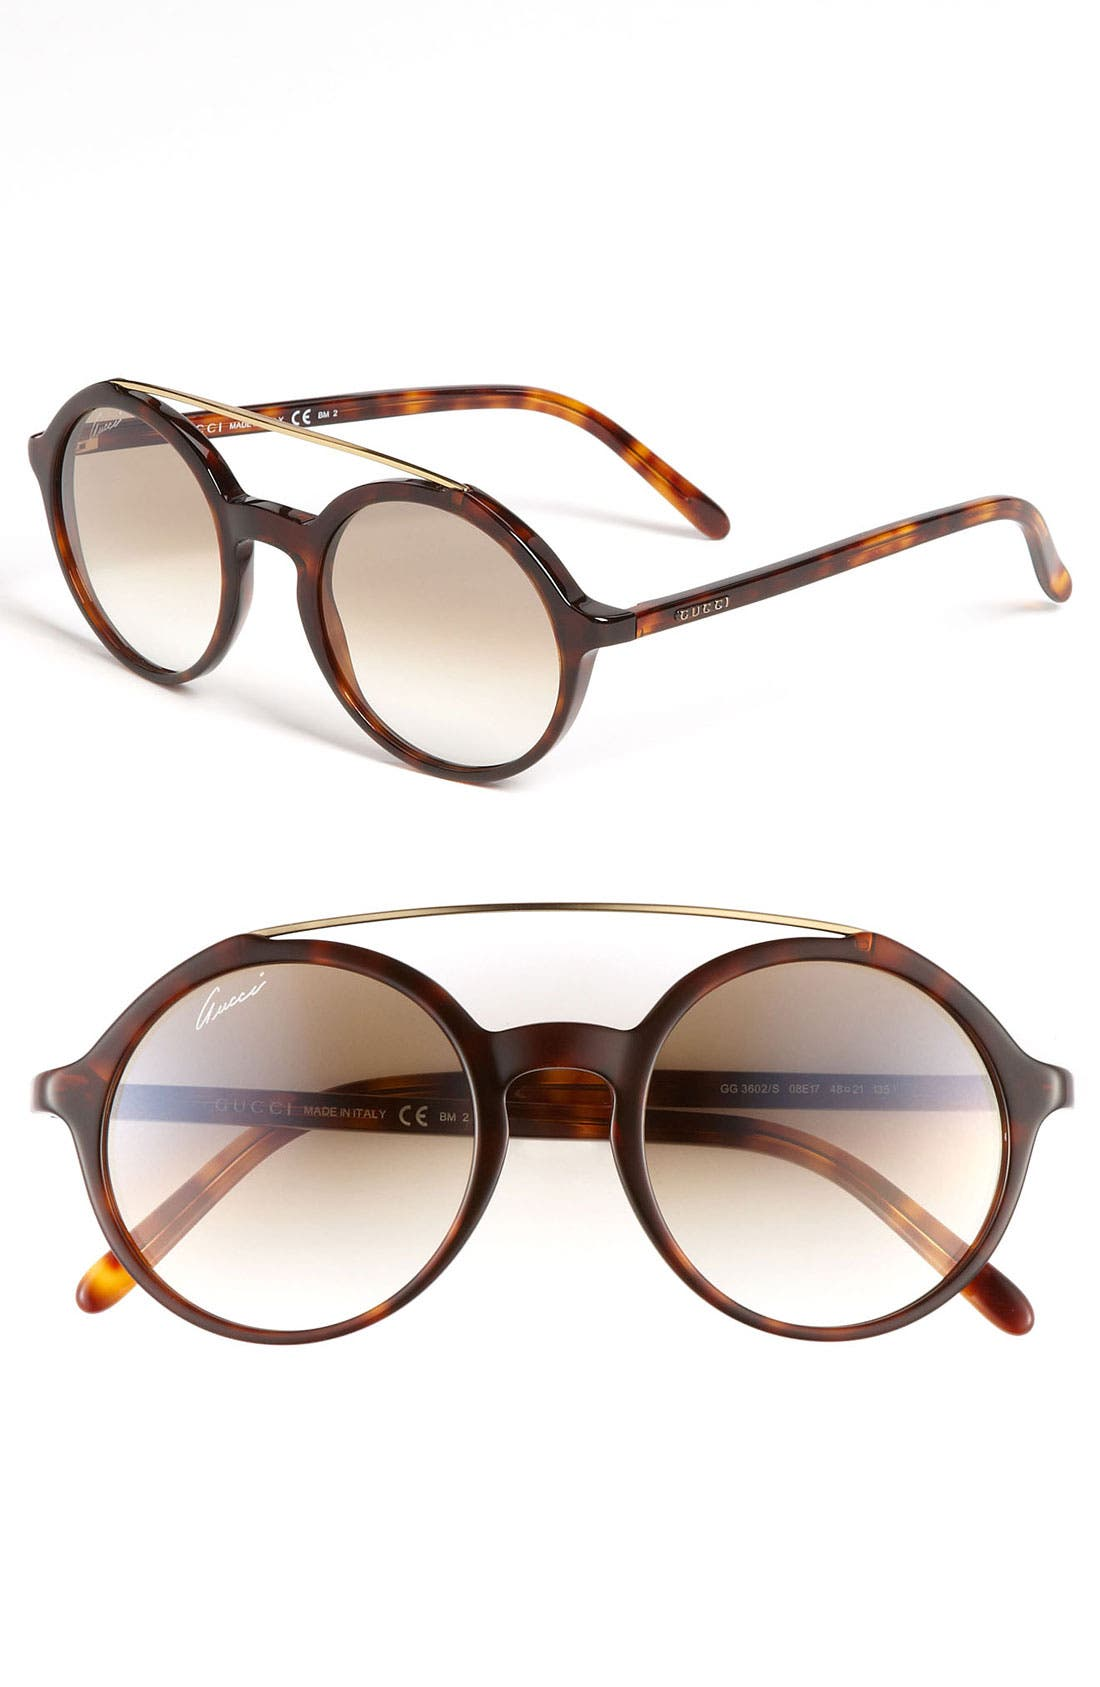 Alternate Image 1 Selected - Gucci Retro Sunglasses